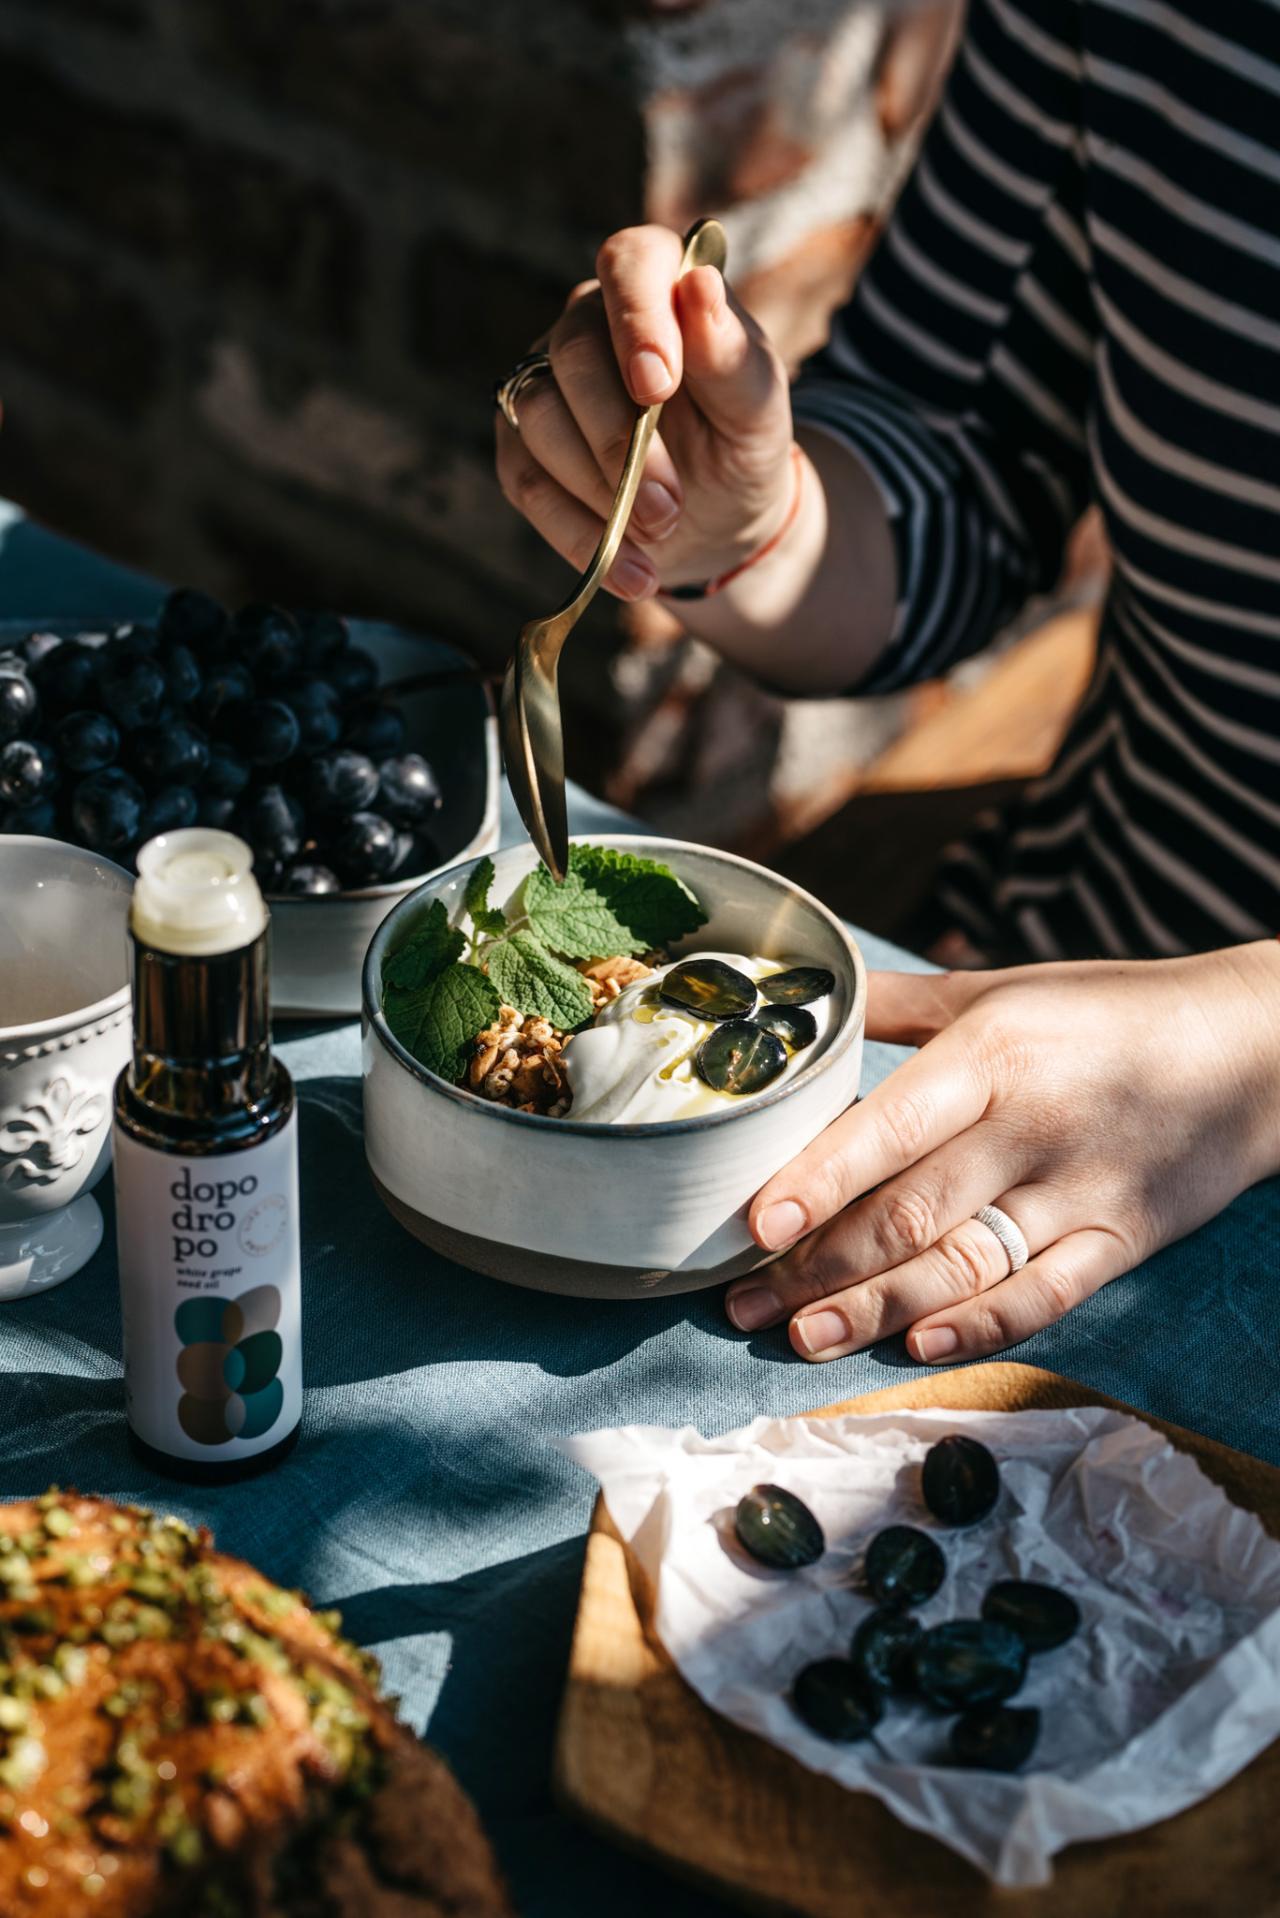 granola-douručak-degustacija-ulja-sjemenki-grožđa